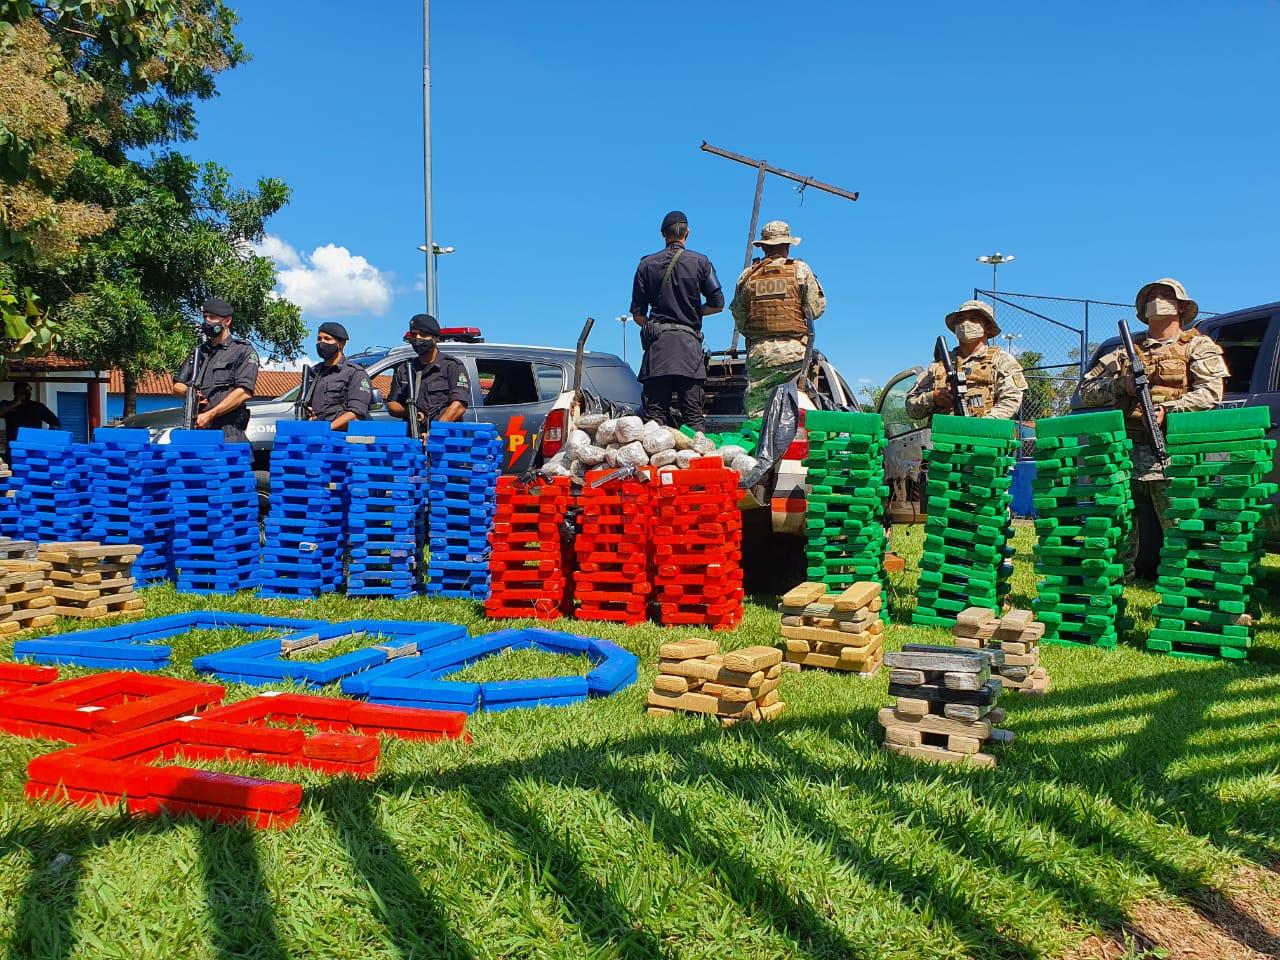 Goiás apreenderam quase 2 toneladas de drogas, durante ações realizadas entre a manhã e tarde desta terça-feira (20/04)